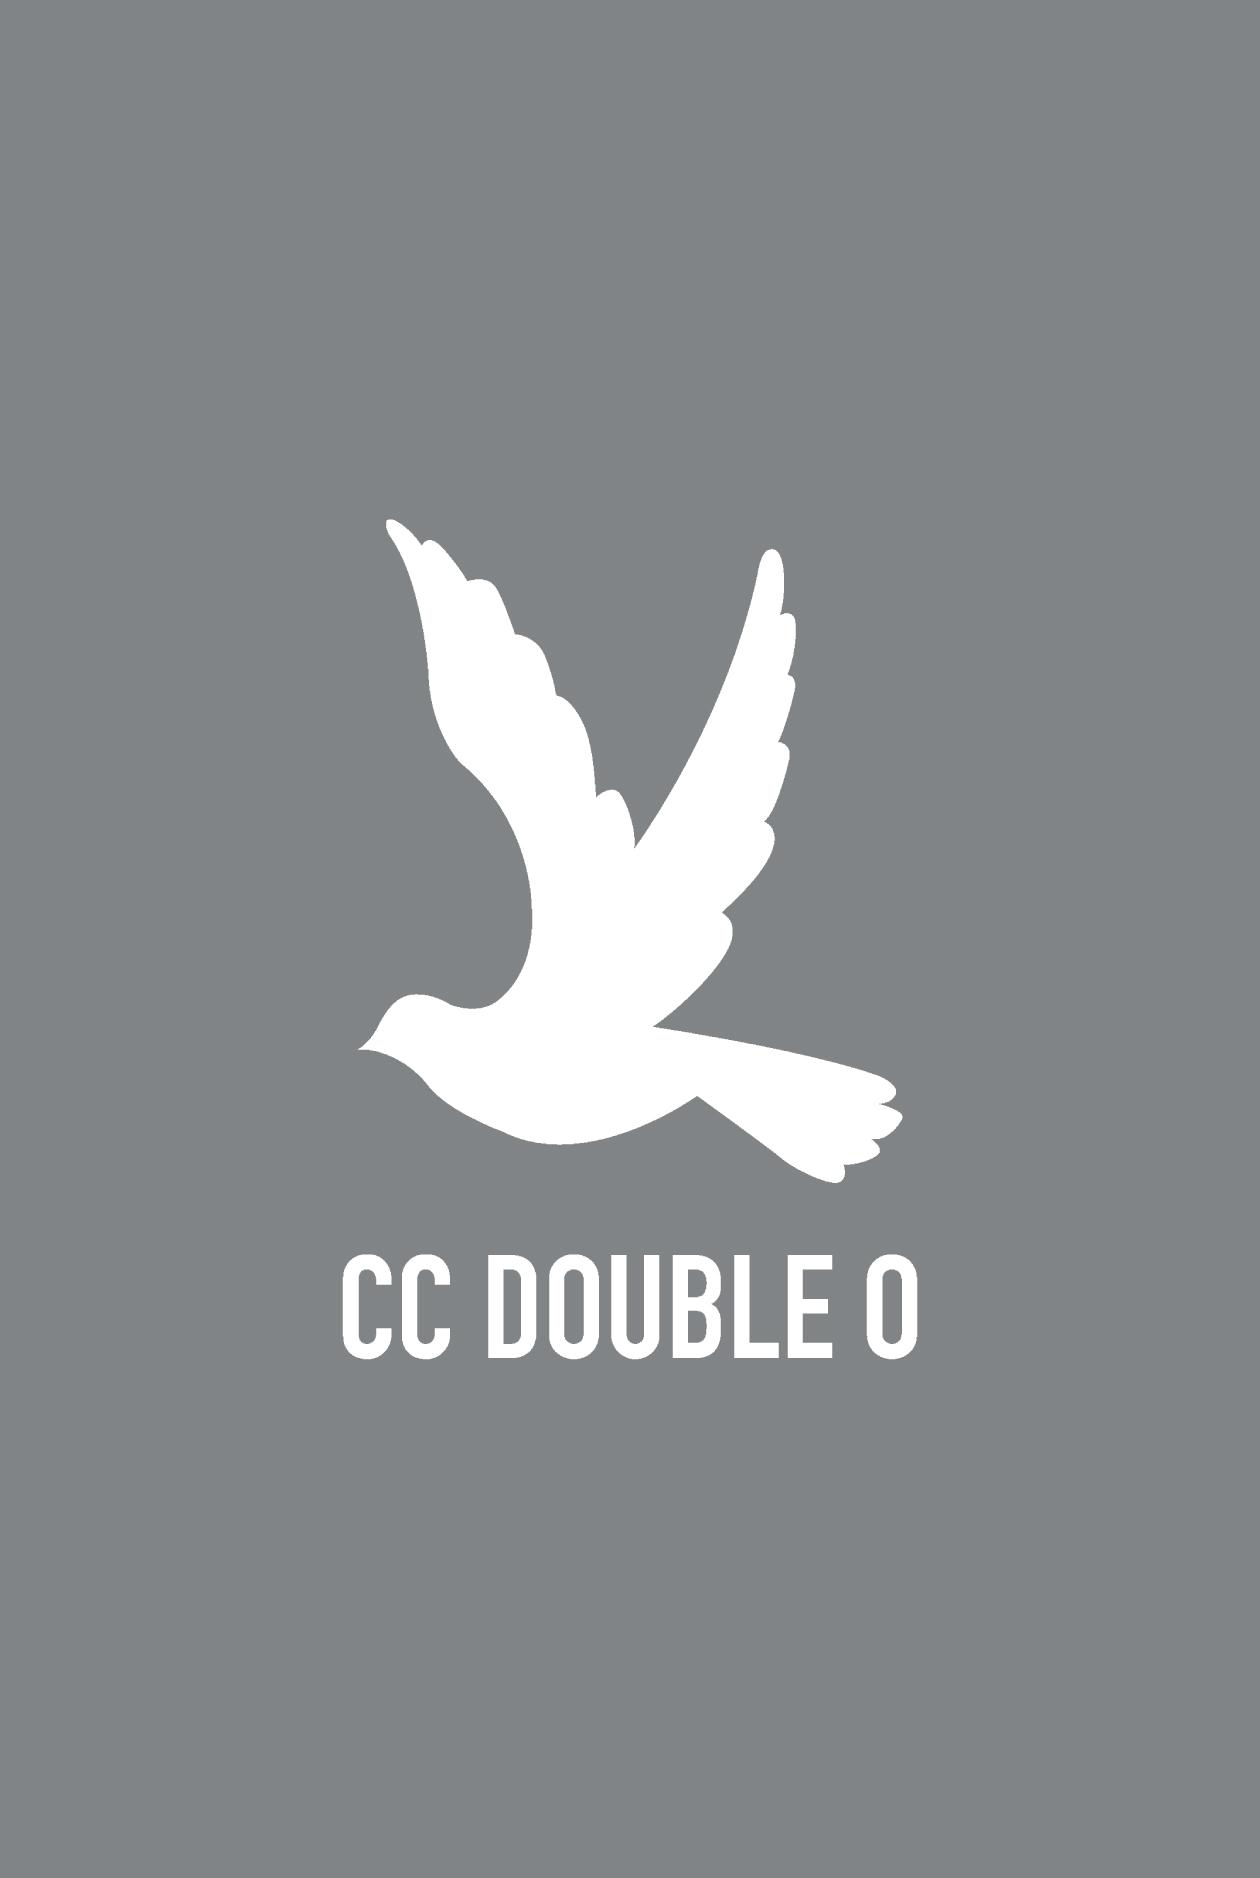 CC DOUBLE O All-Over Logo Cap